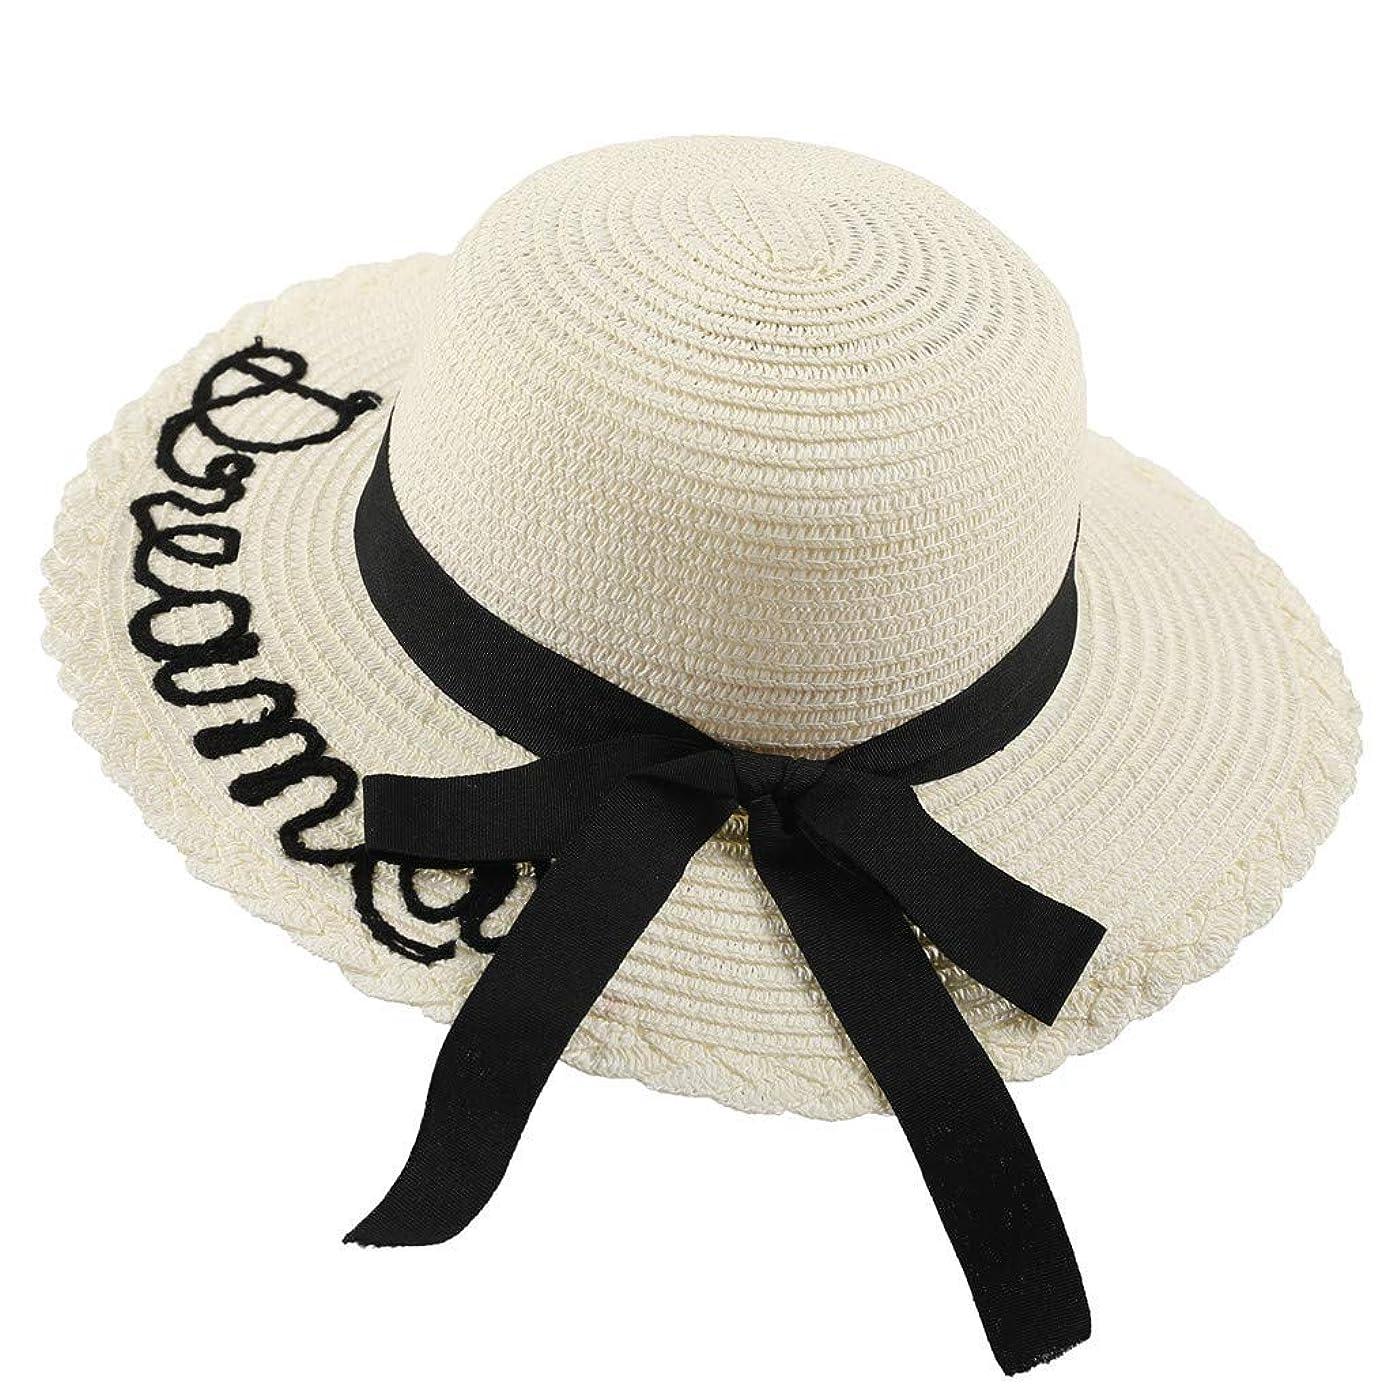 準備した電卓縫い目ハット キッズ 子供 UVカット 帽子 ベビー UVカット 日よけ 折りたたみ つば広 おしゃれ 可愛い 帽子 レディース UV ハット 麦わら帽子 小顔効果抜群 ハット uv 日除け 帽子 サイズ調整 テープ キャップ 白 ROSE ROMAN